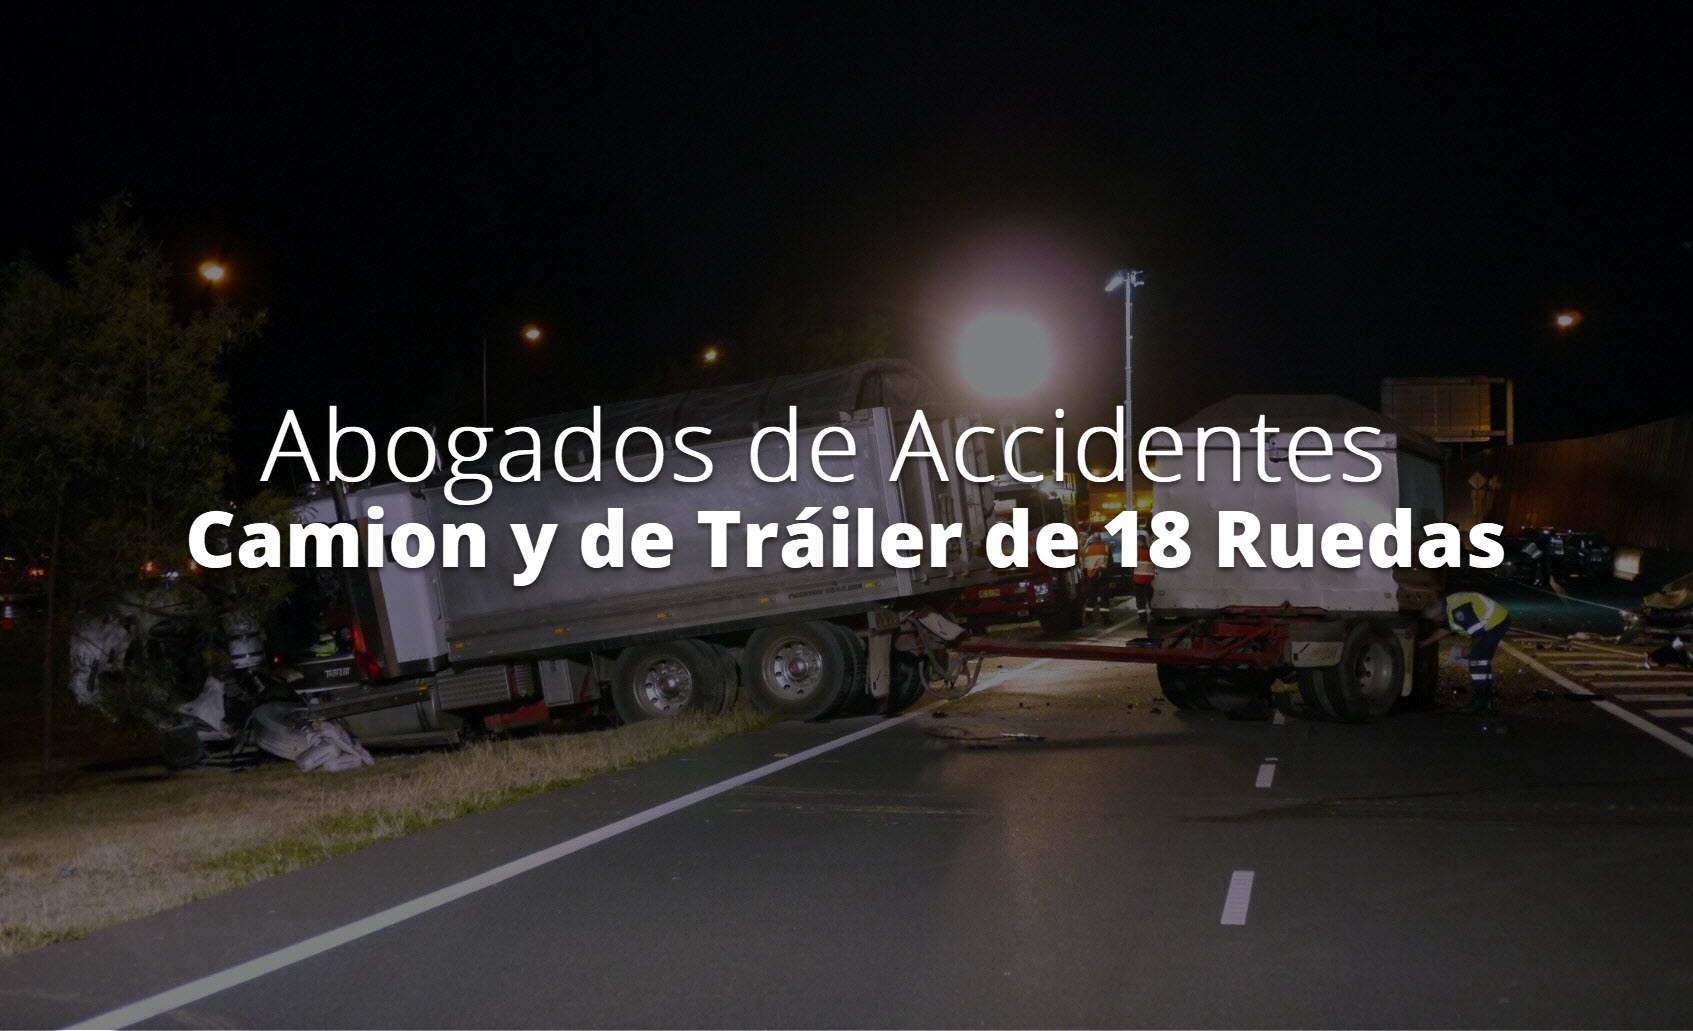 Abogados de Accidentes de Camion y de Tráiler de 18 Ruedas en Houston, TX